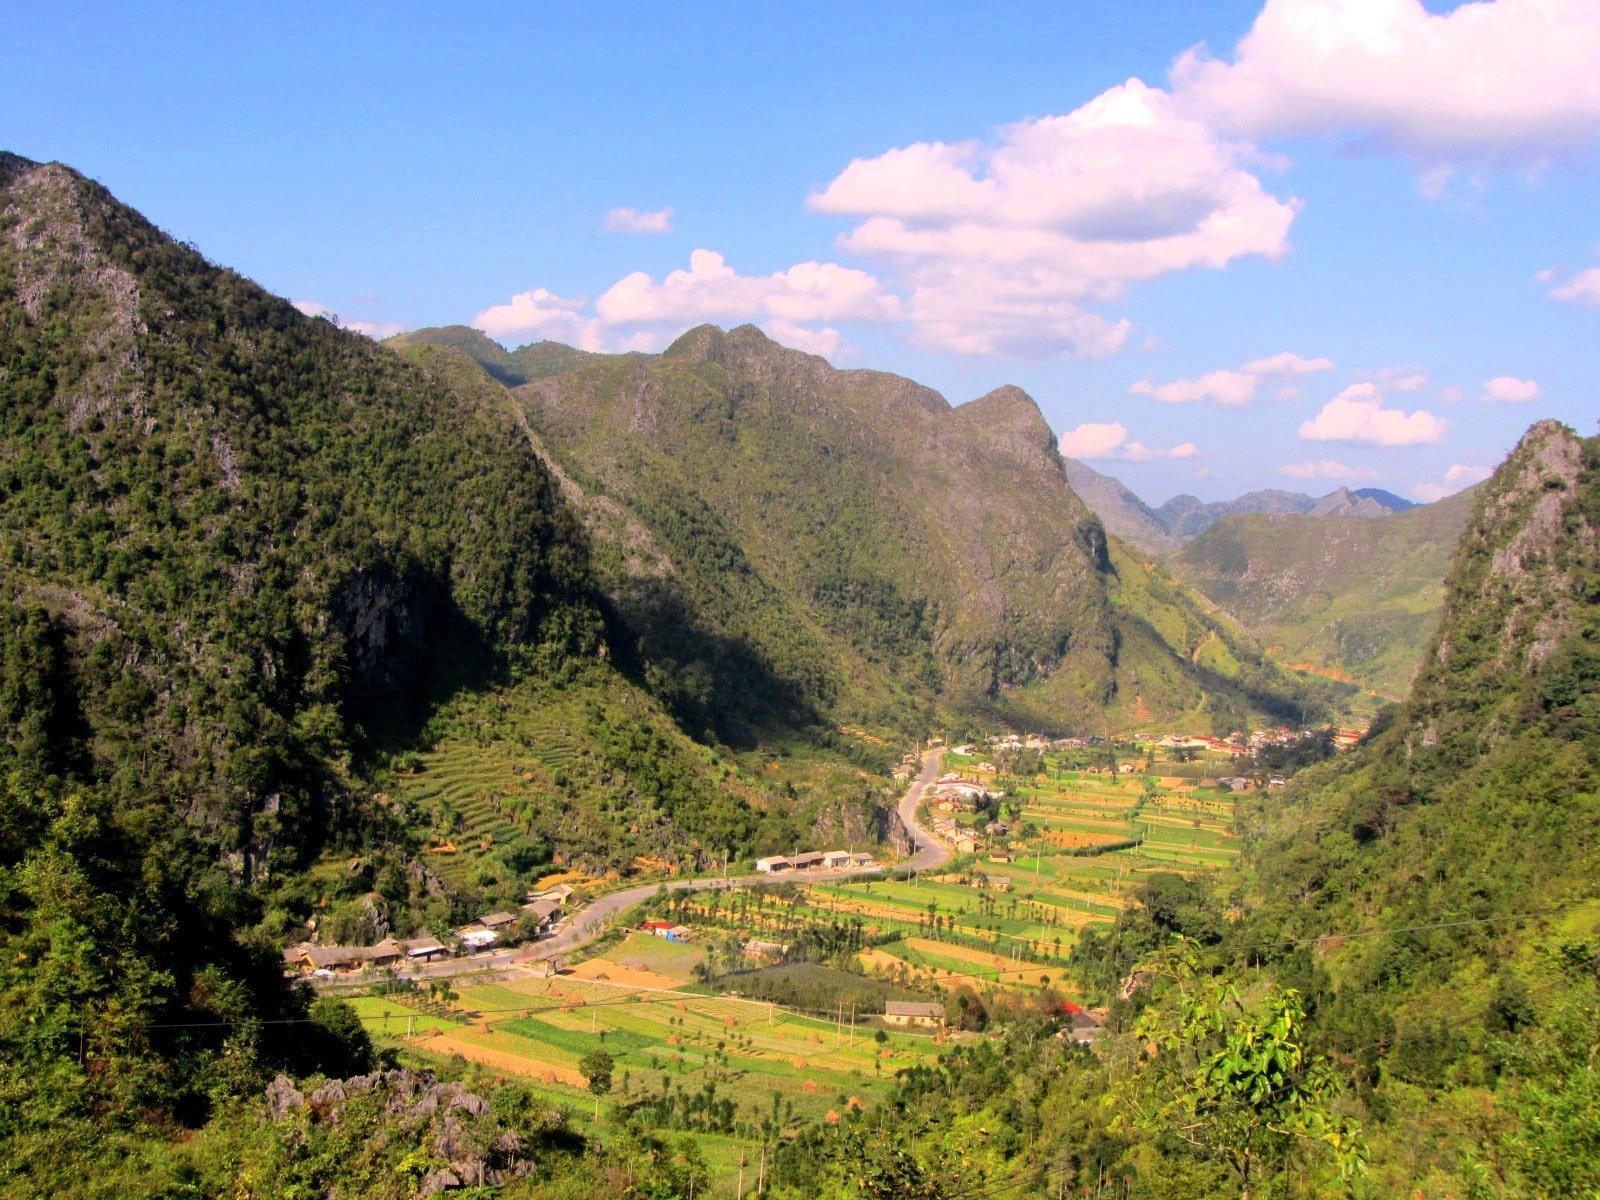 Ha Giang, Dong Van limestone geopark, Vietnam